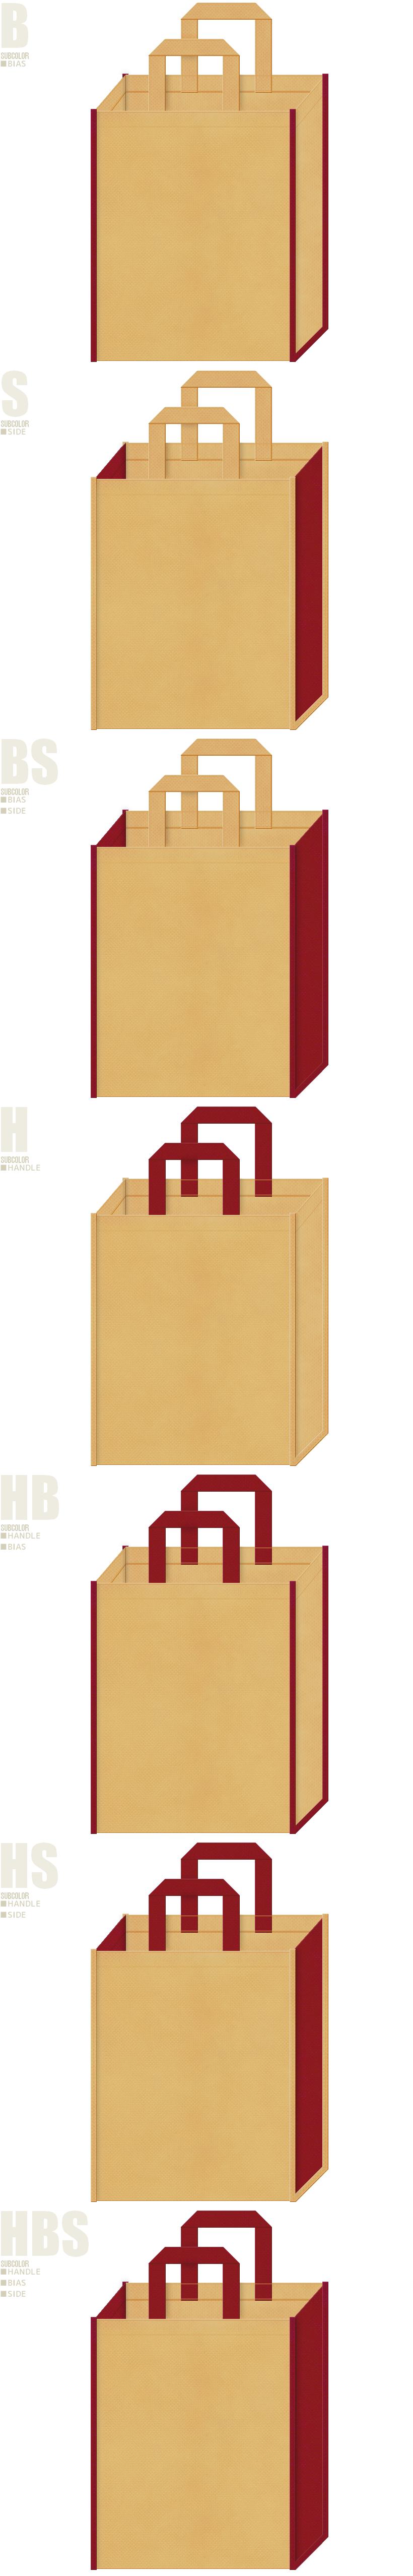 寄席・演芸場・舞台・観光土産・せんべい・和菓子・和風催事にお奨めの不織布バッグデザイン:薄黄土色とエンジ色の配色7パターン